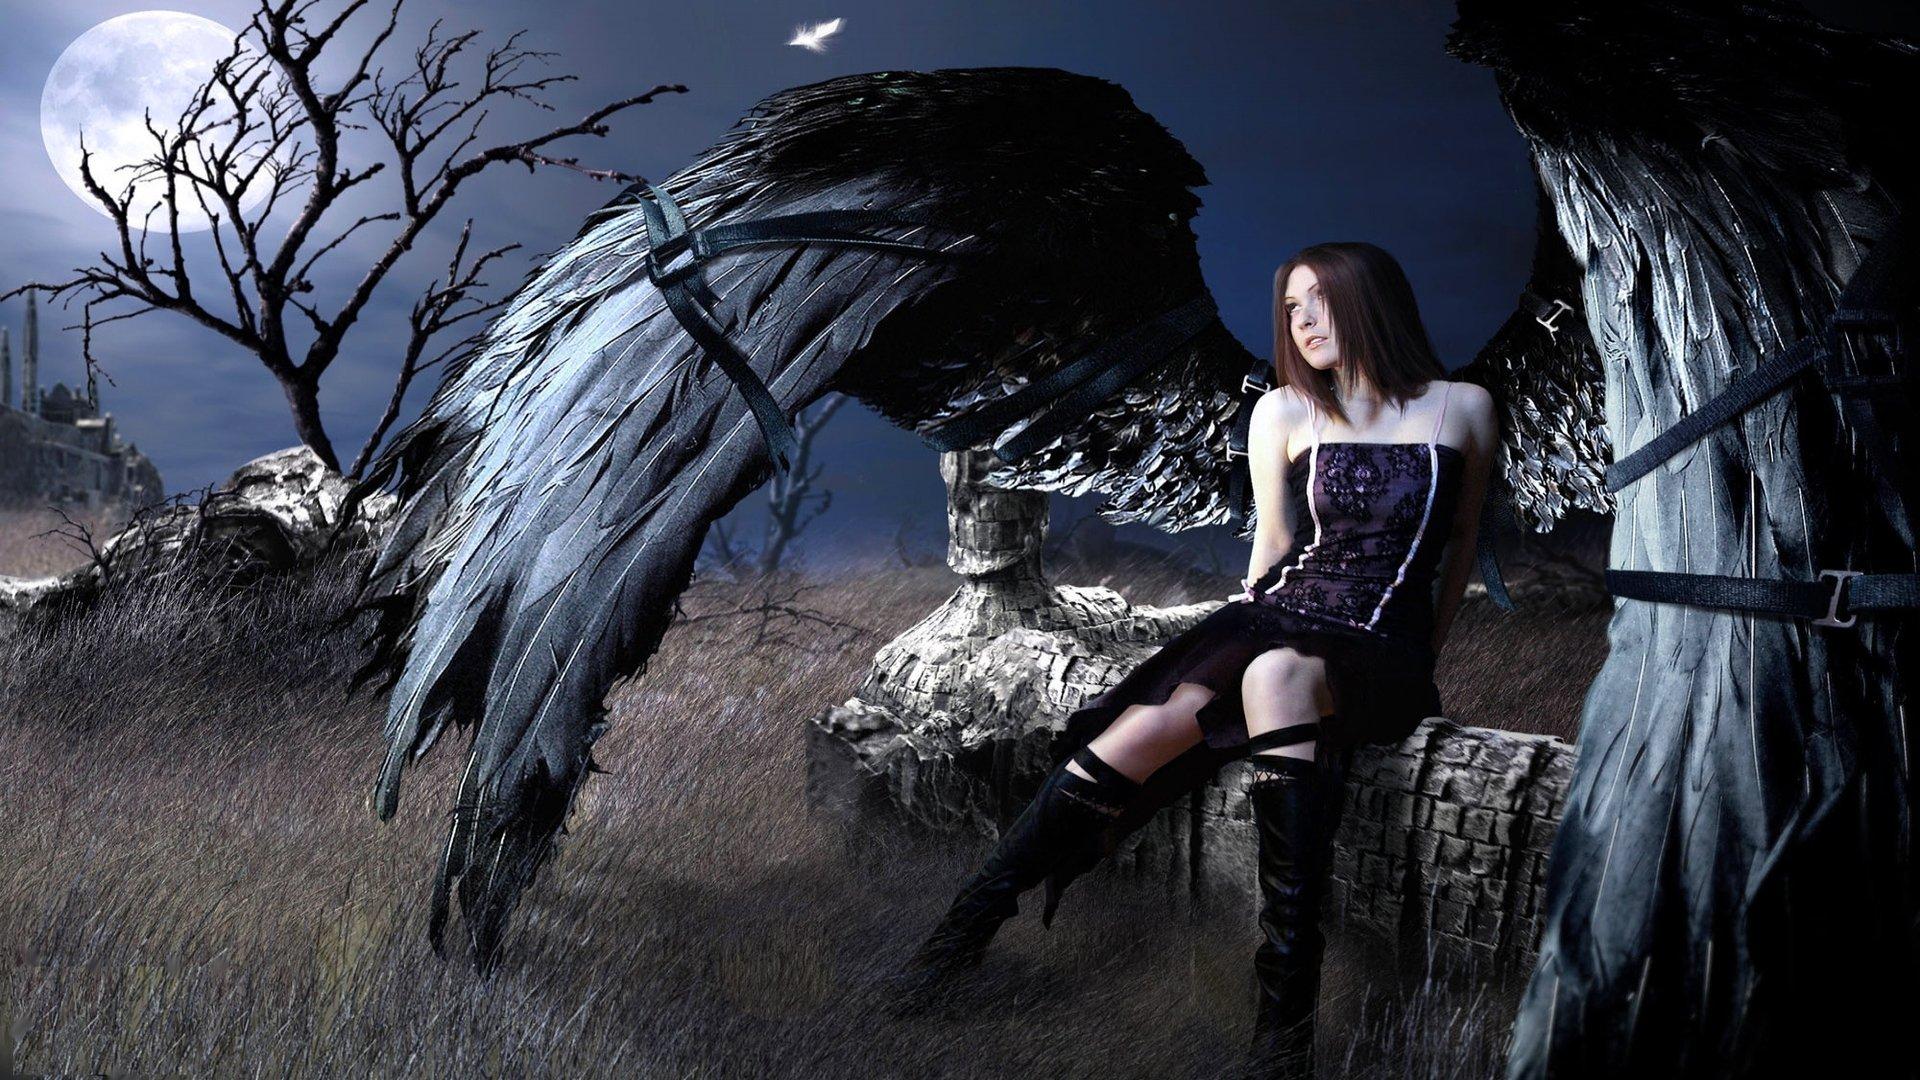 силу черный ангел мистика картинки этом, аккуратного реза